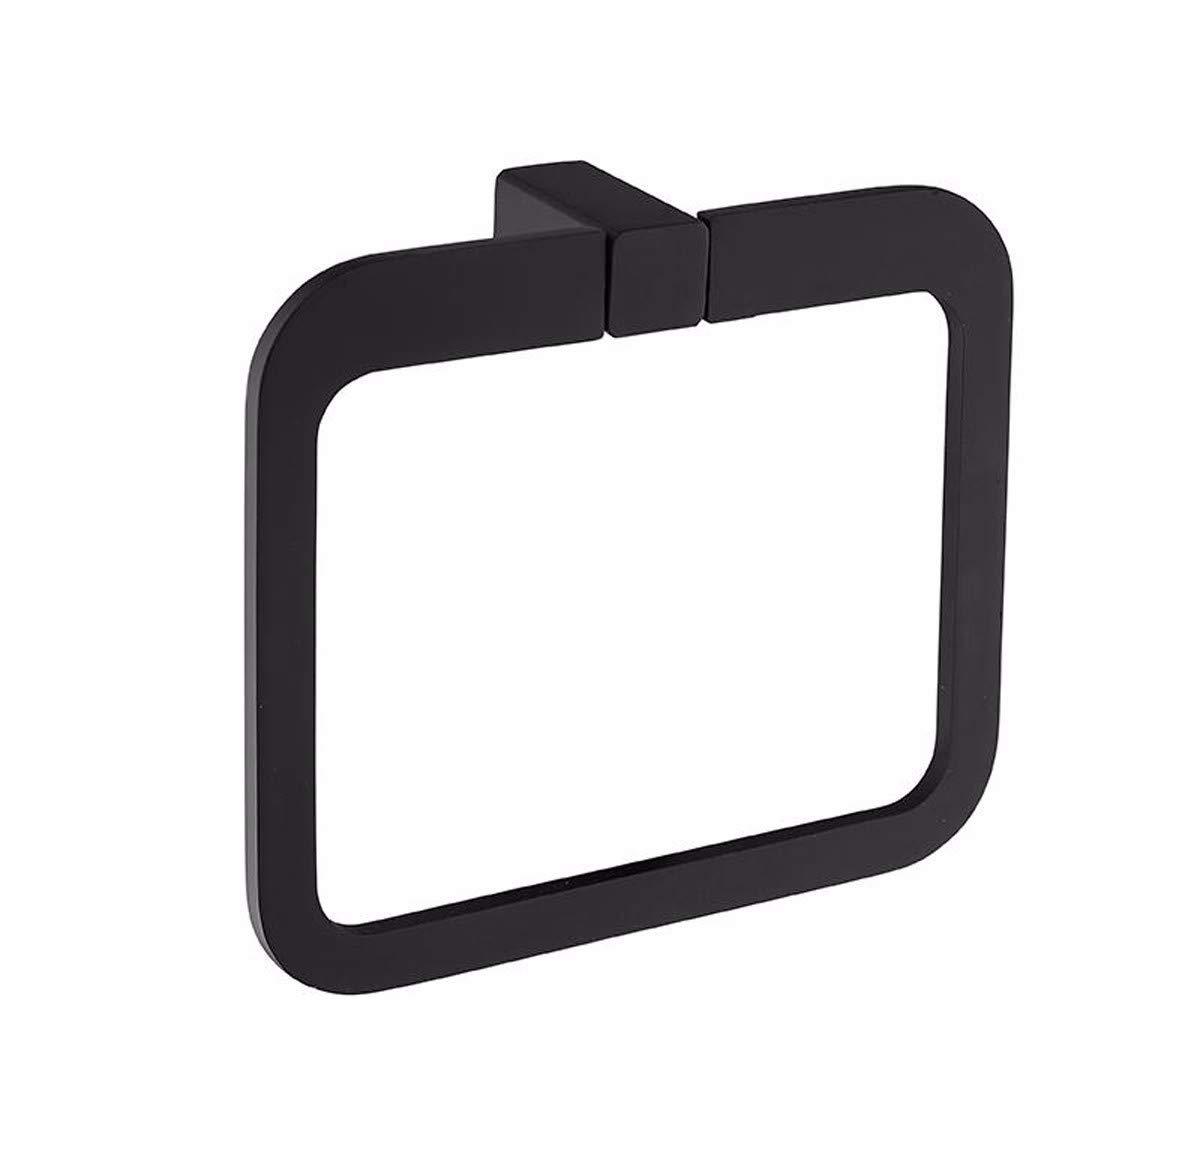 FYERBU-Black Simple Rubber Paint Square Towel Ring Solid Towel Towel Rack Towel Hook Toilet Paper Rack Clothes Hook